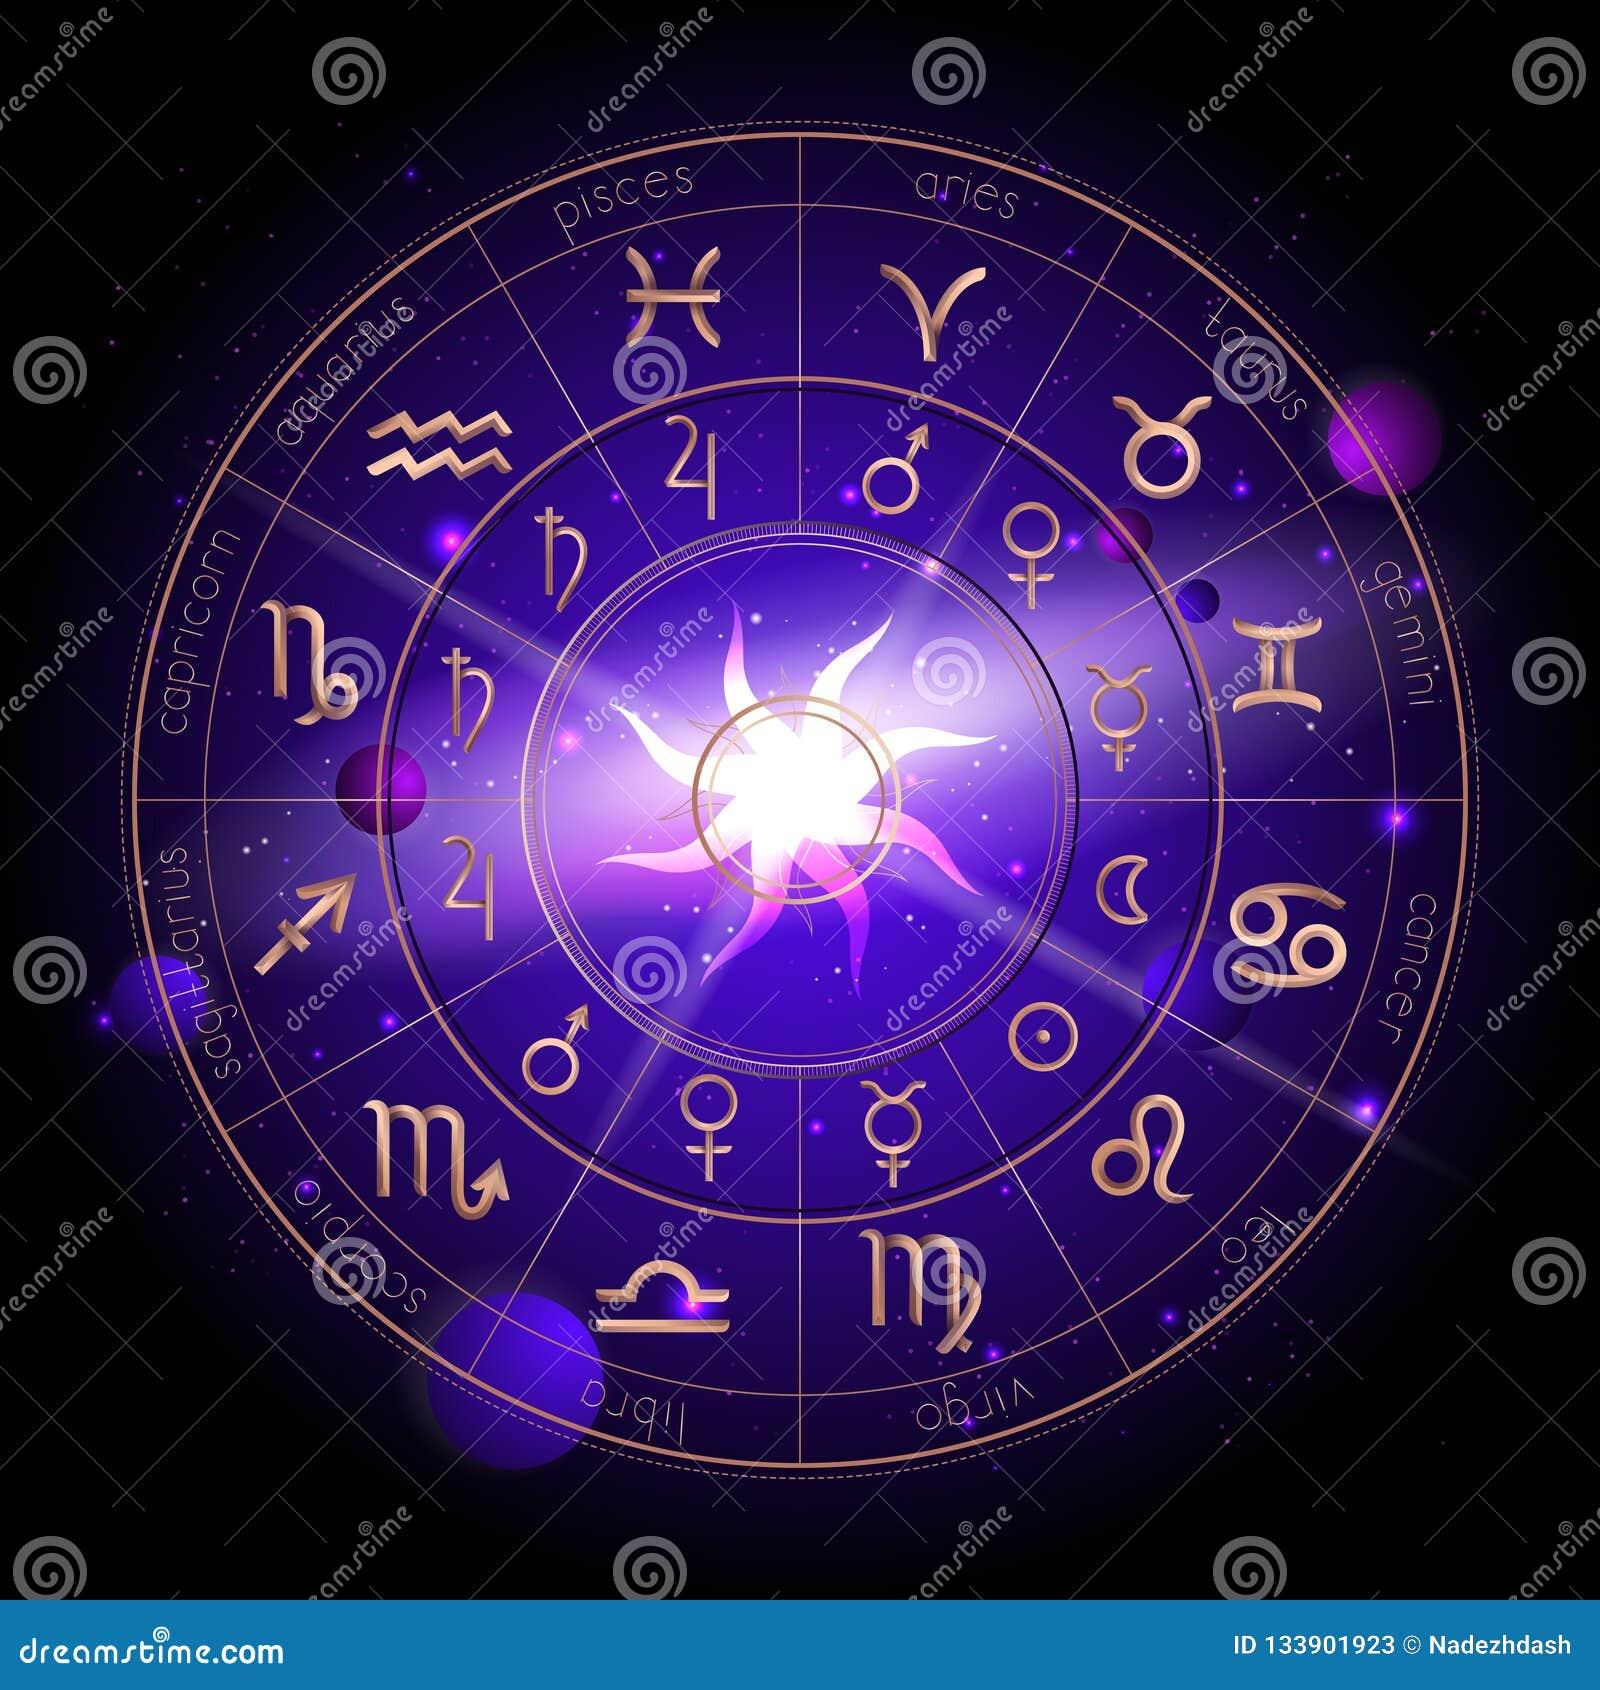 Vectorillustratie van Horoscoopcirkel, Dierenriemtekens en de planeten van de pictogrammenastrologie tegen de ruimteachtergrond